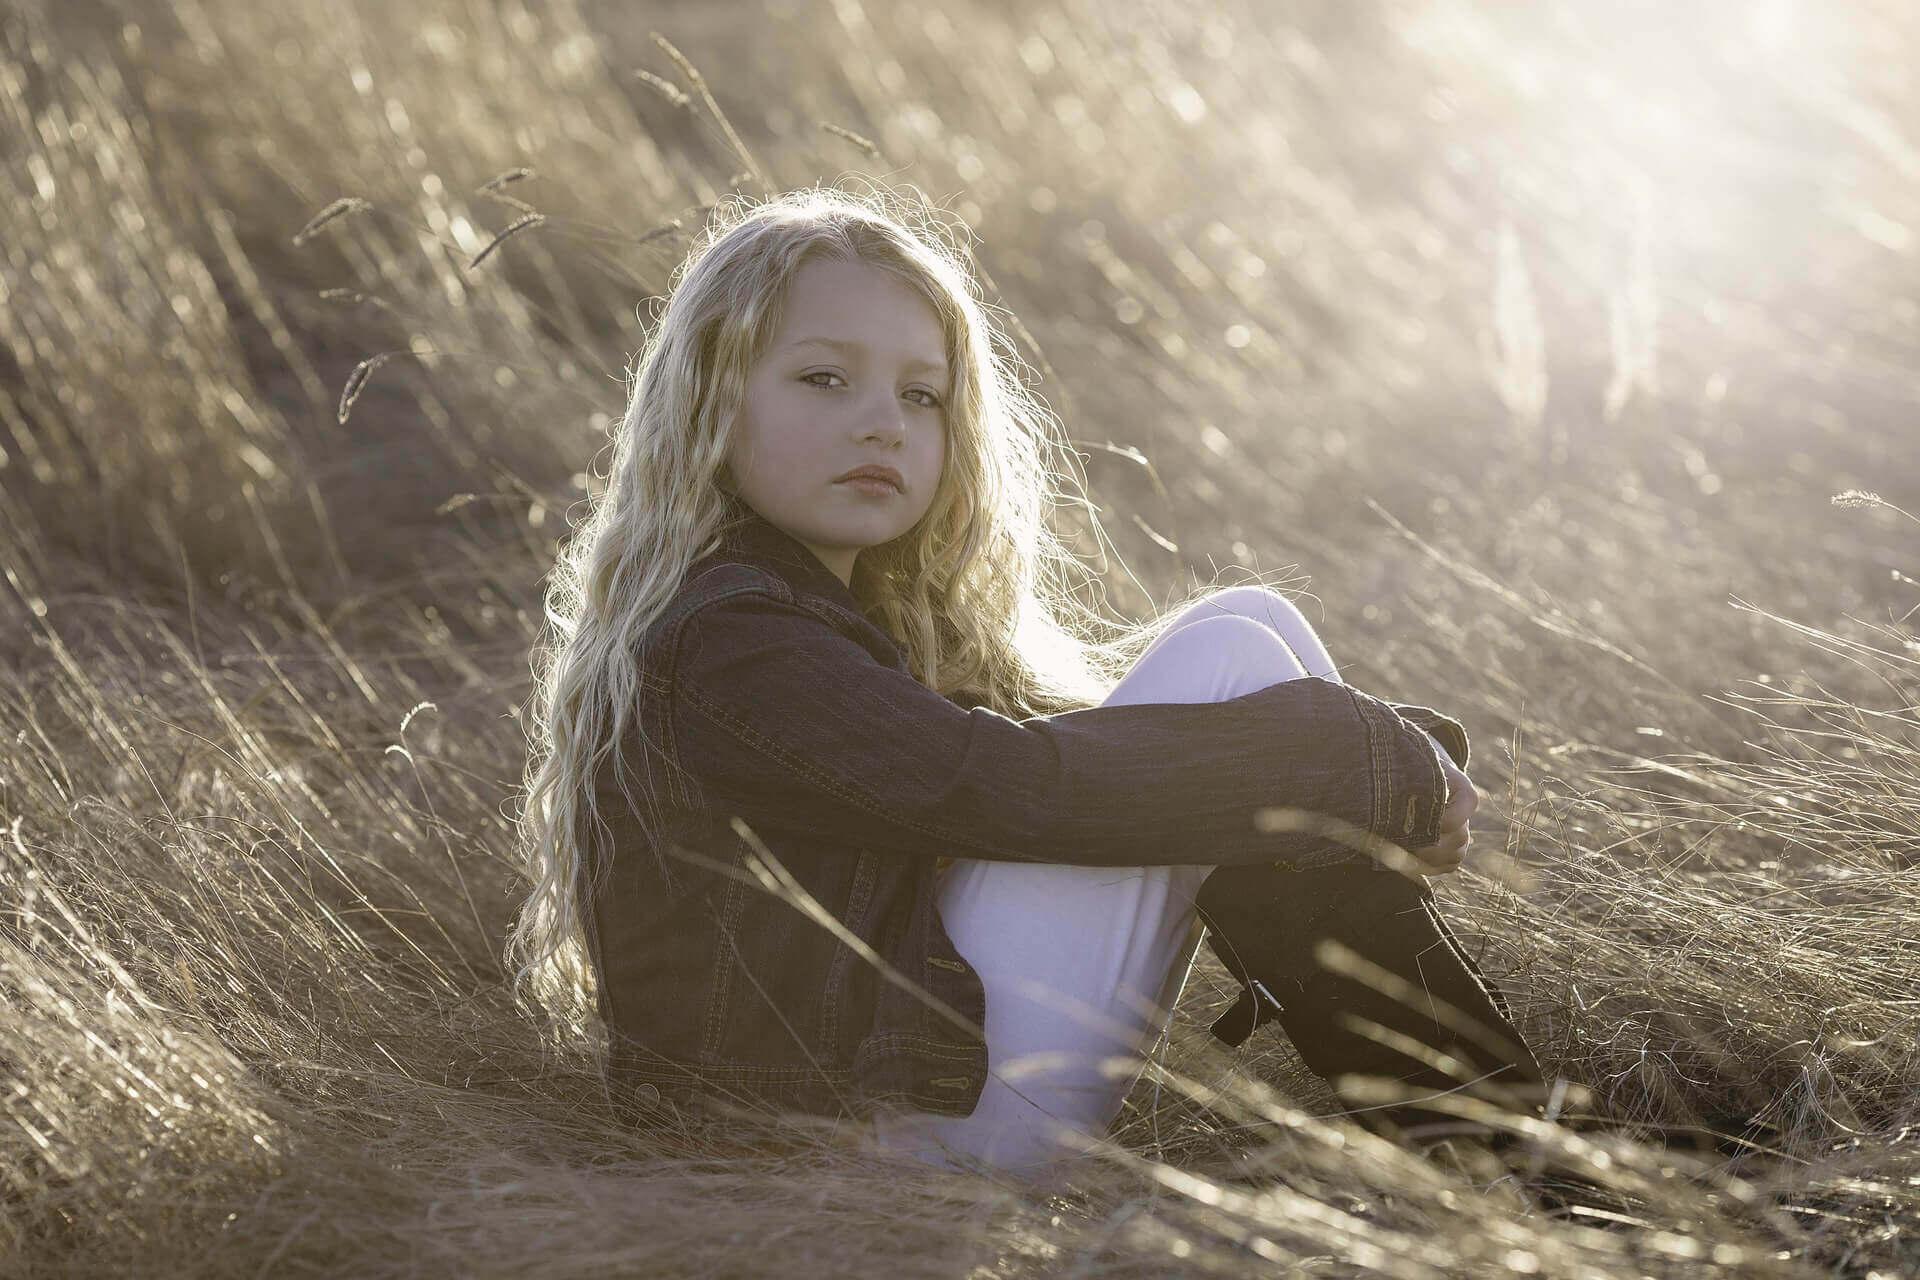 Une petite fille triste, une des conséquences de l'abandon du père